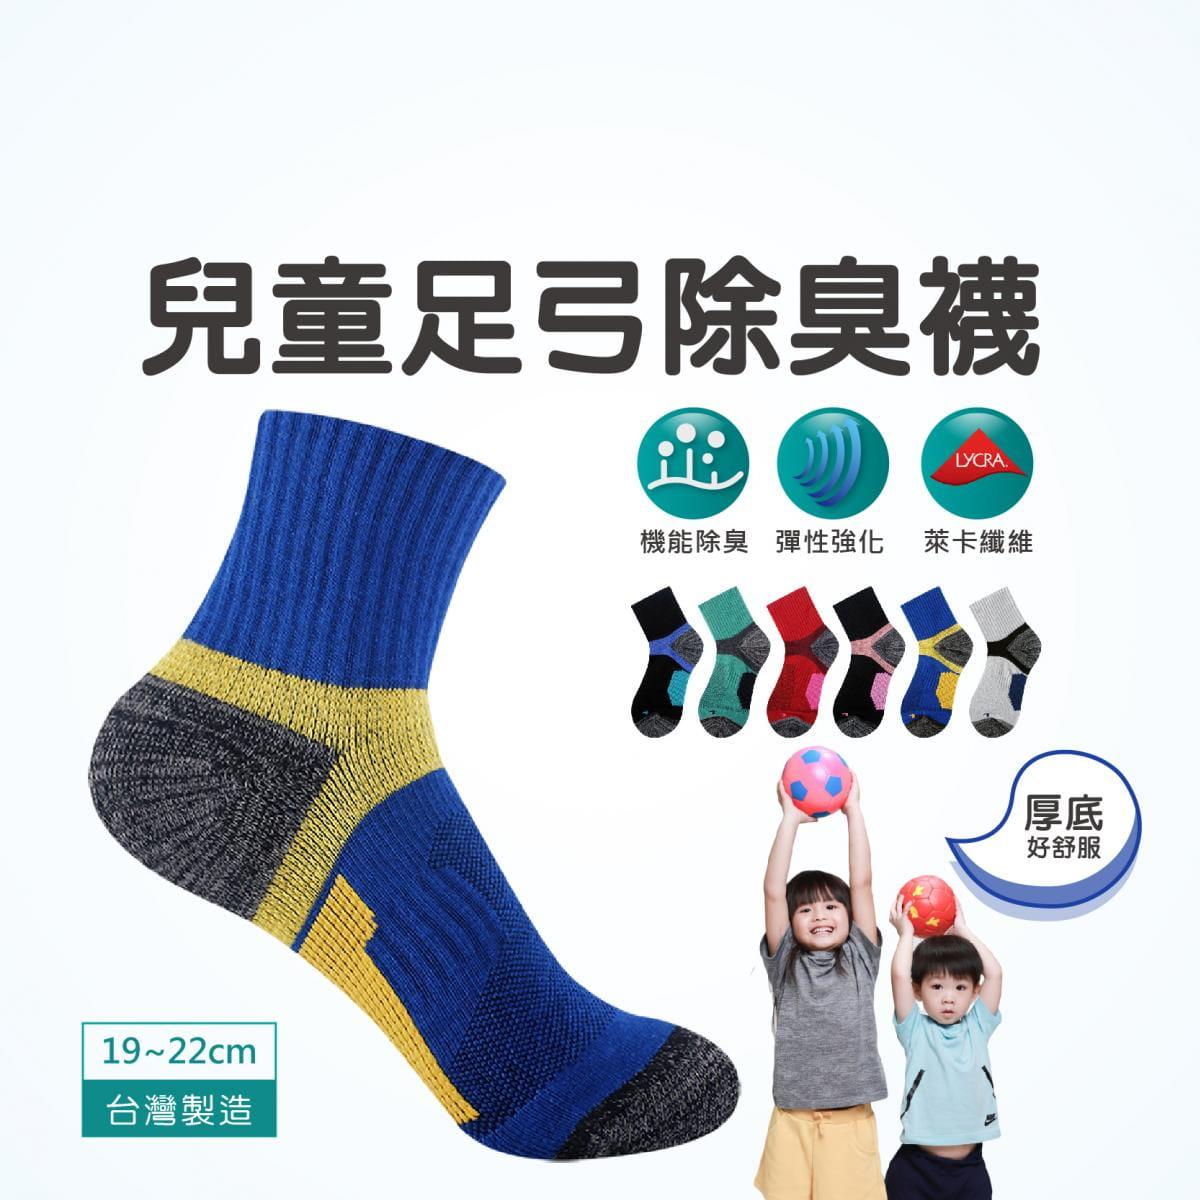 【FAV】兒童足弓除臭襪-無止滑 0